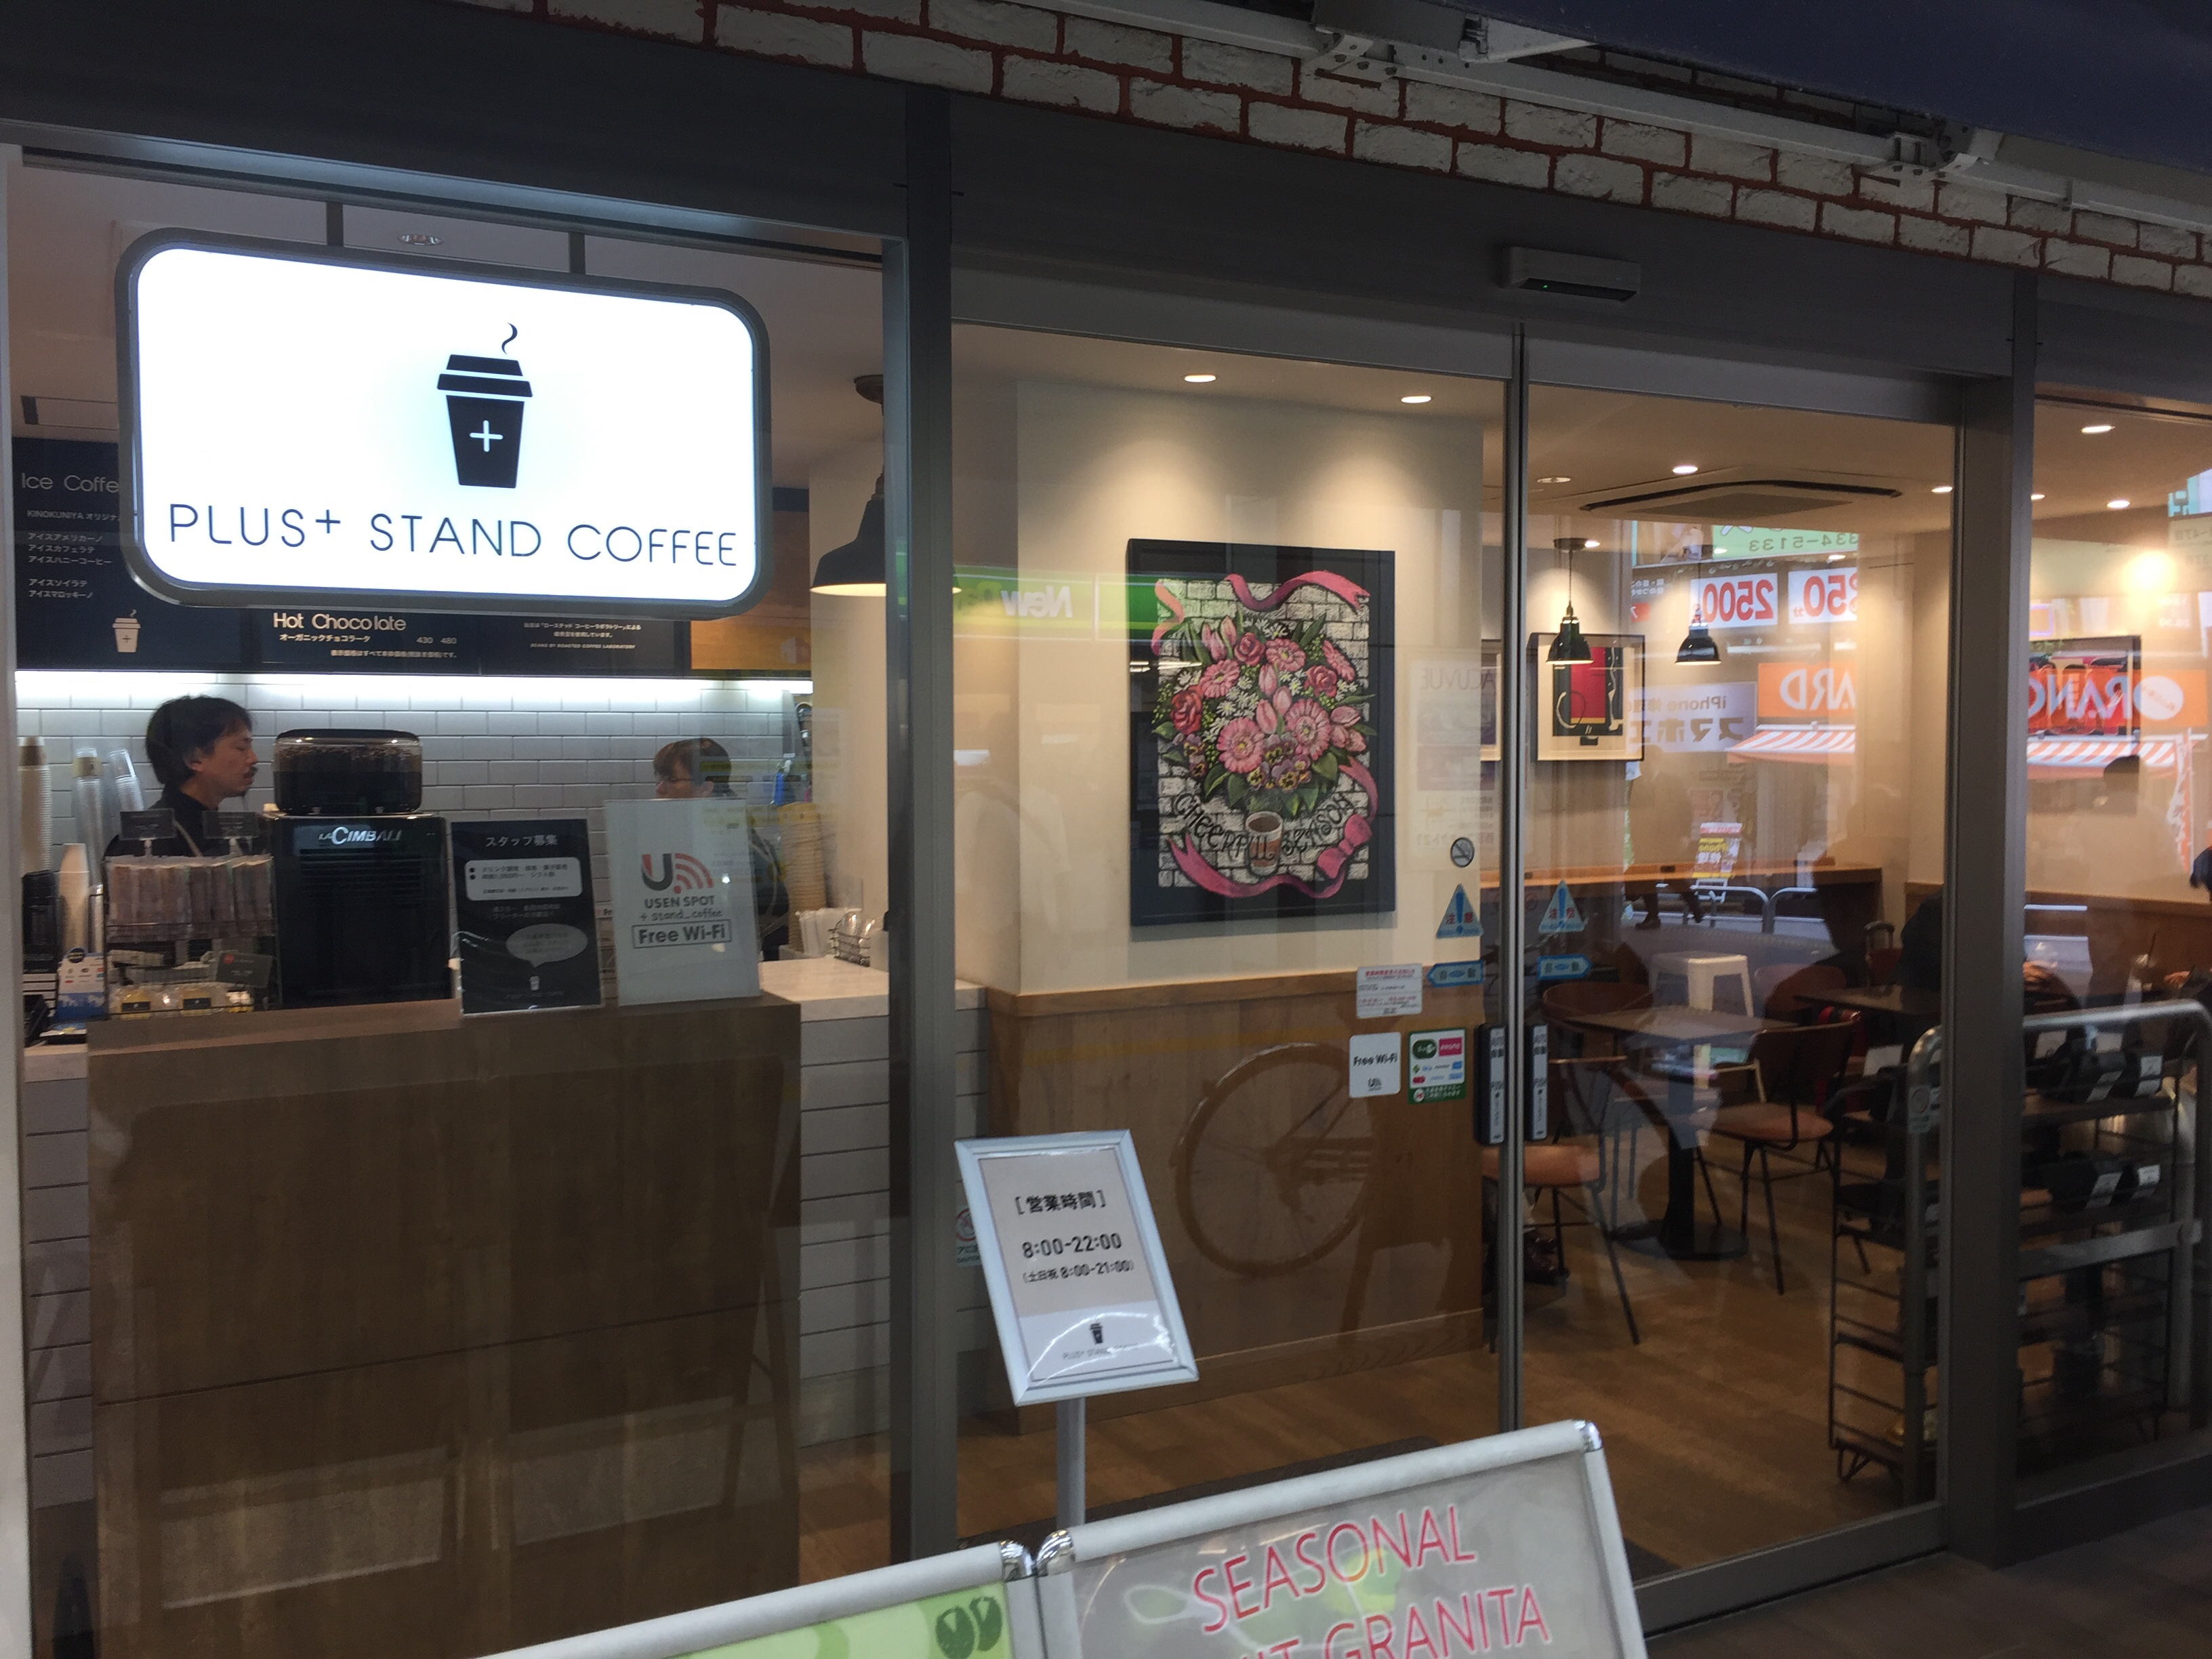 西荻窪駅 PLUS STAND COFFEE(プラススタンドコーヒー)